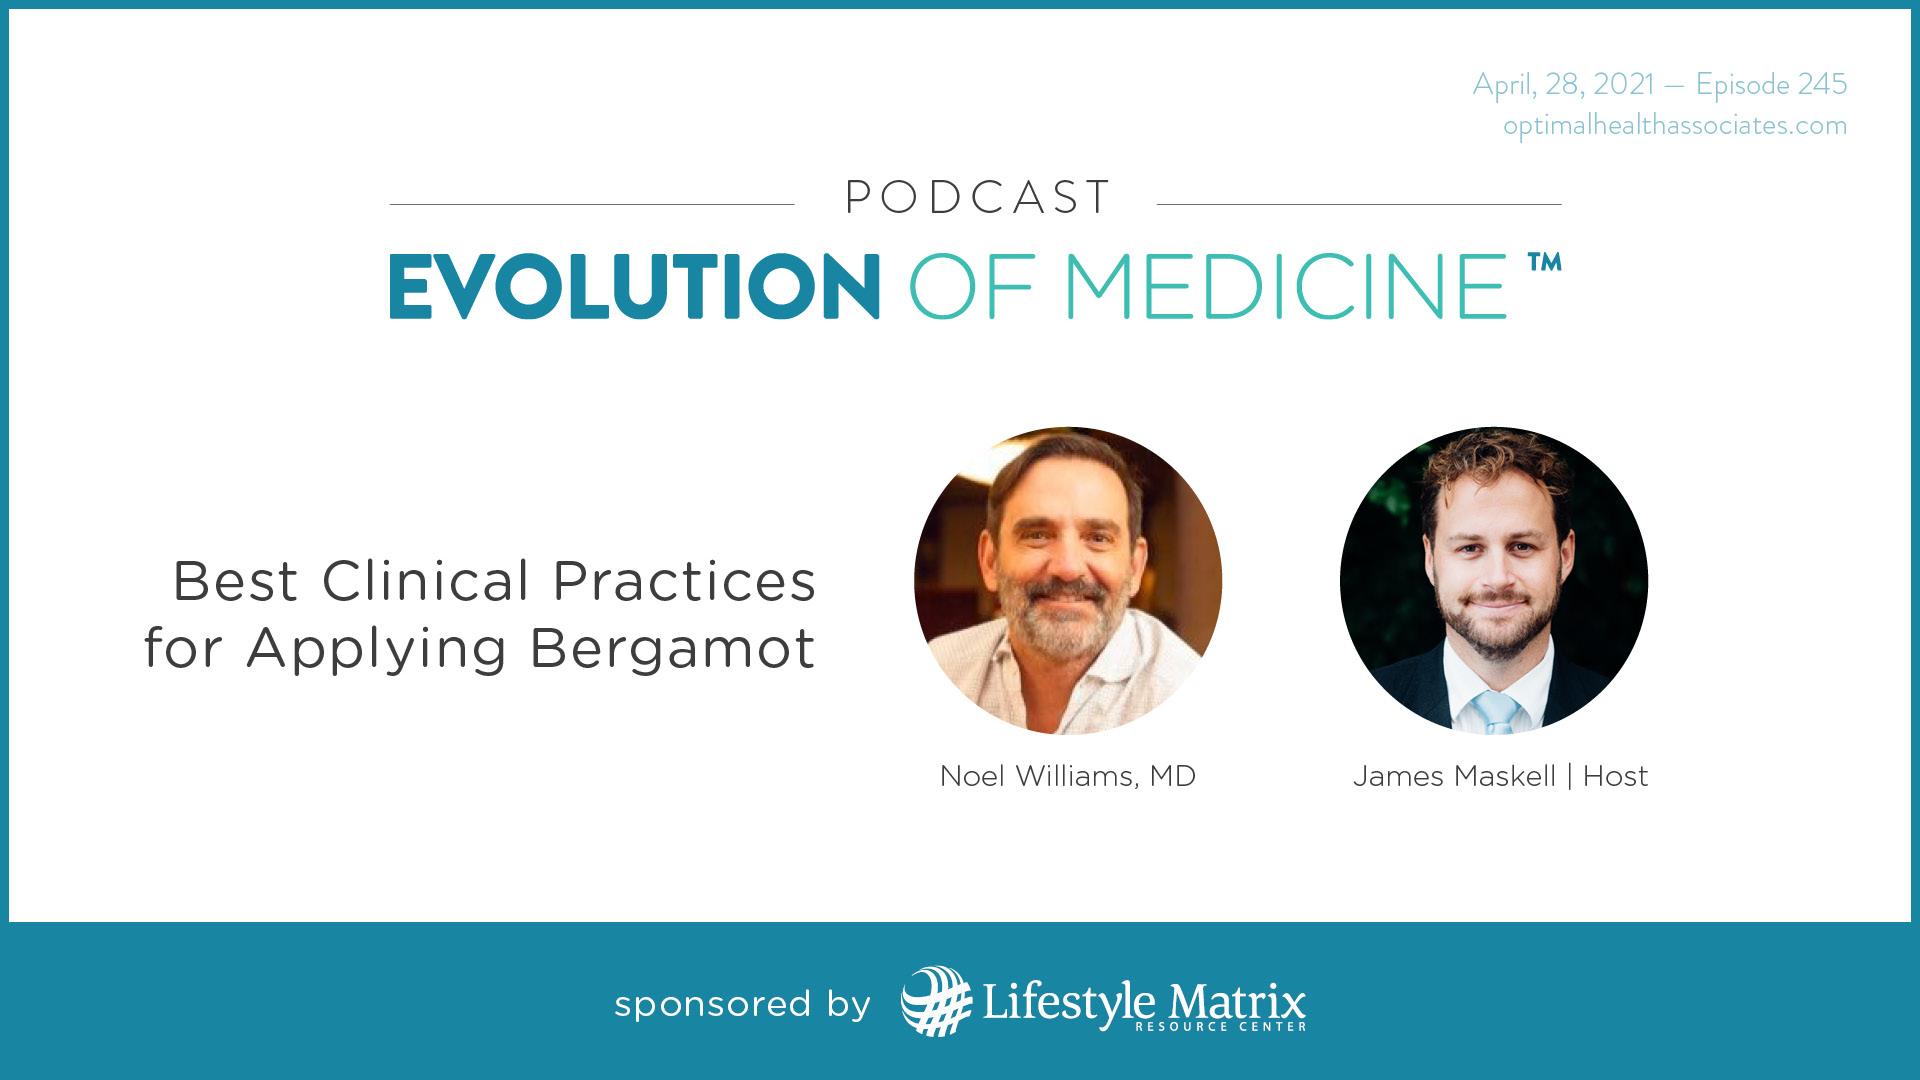 Noel Williams, Best Clinical Practices for Applying Bergamot